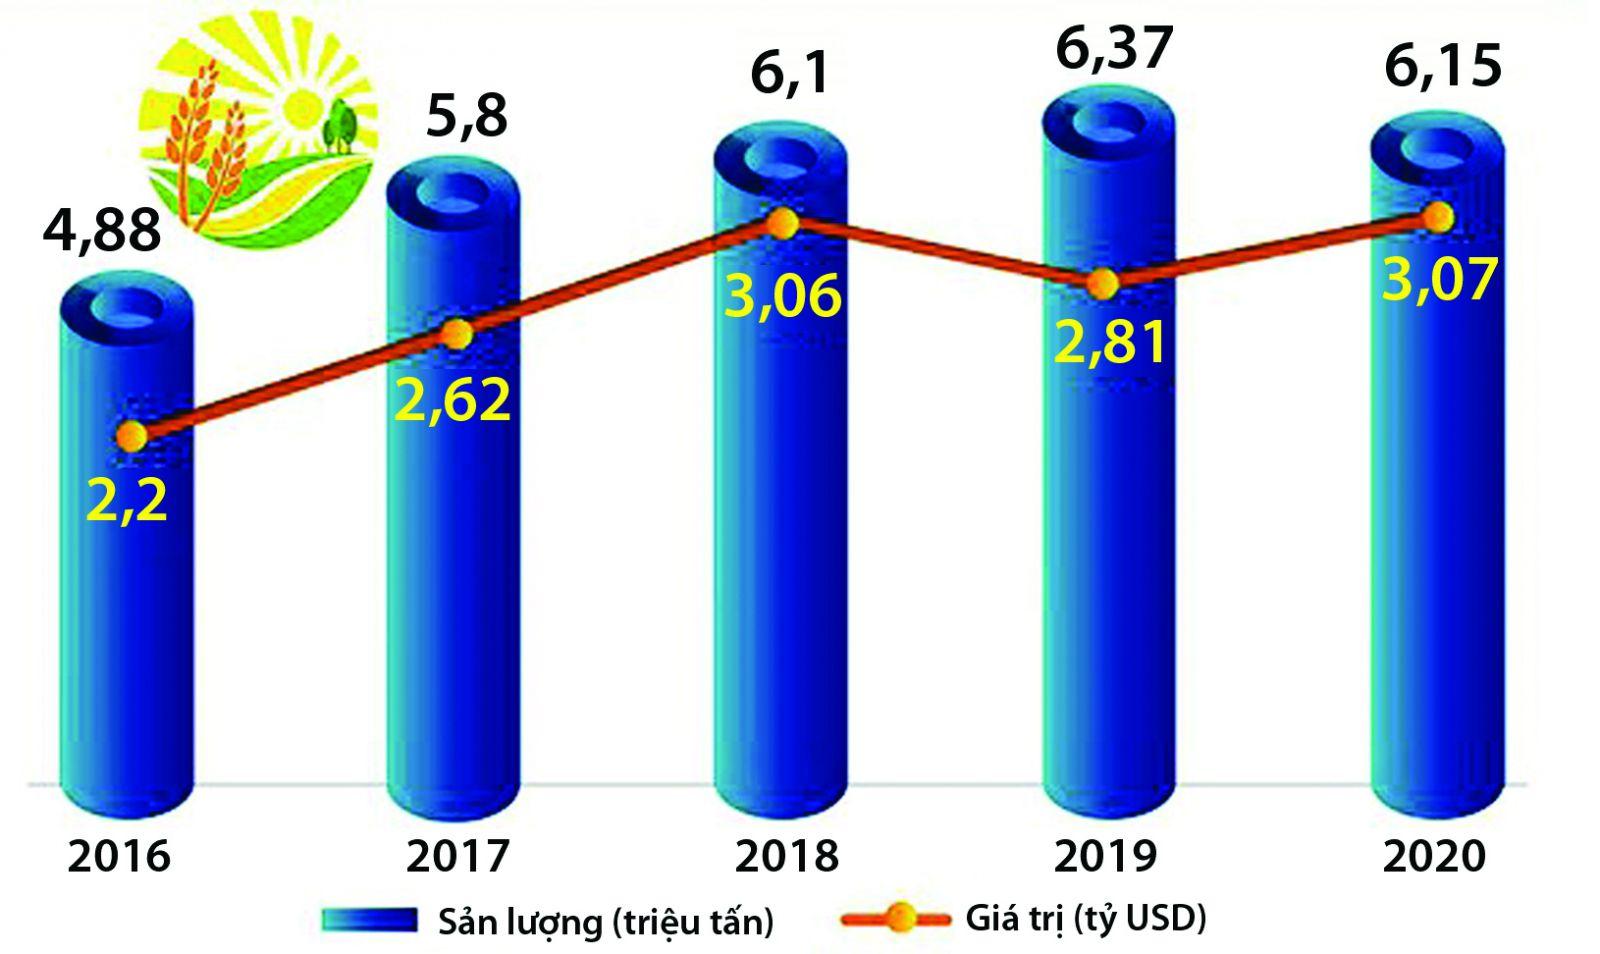 Nghịch lý thị trường xuất khẩu gạo Việt Nam - Ảnh 1.